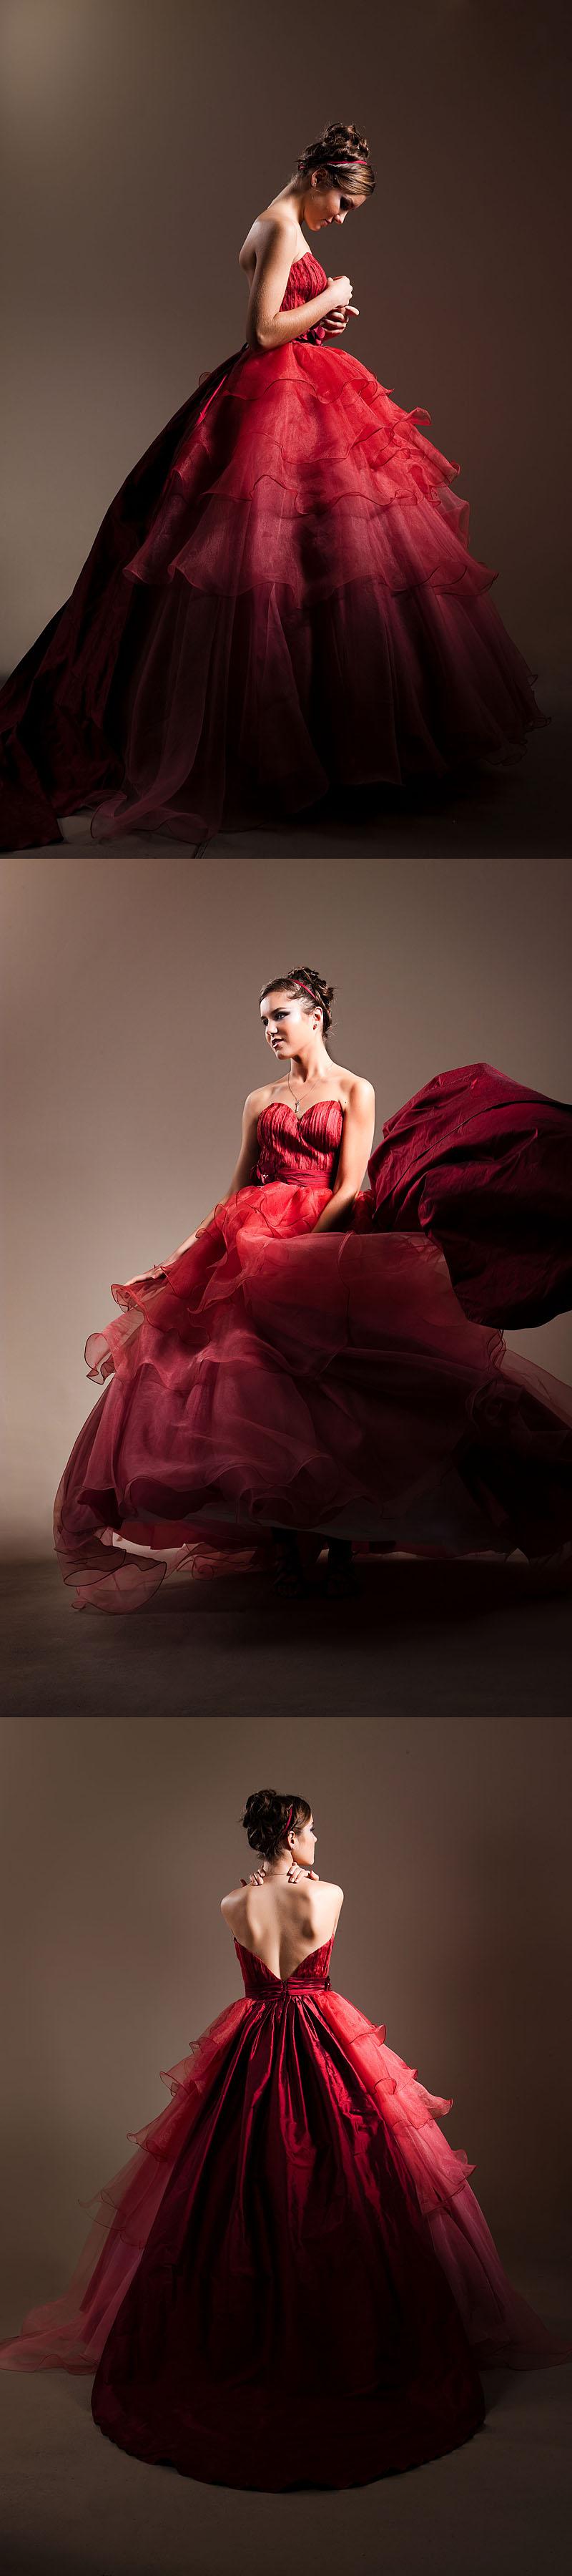 Sydney Dec 05, 2010 ©ChrisDavidPhotography Red Dress - Biljana